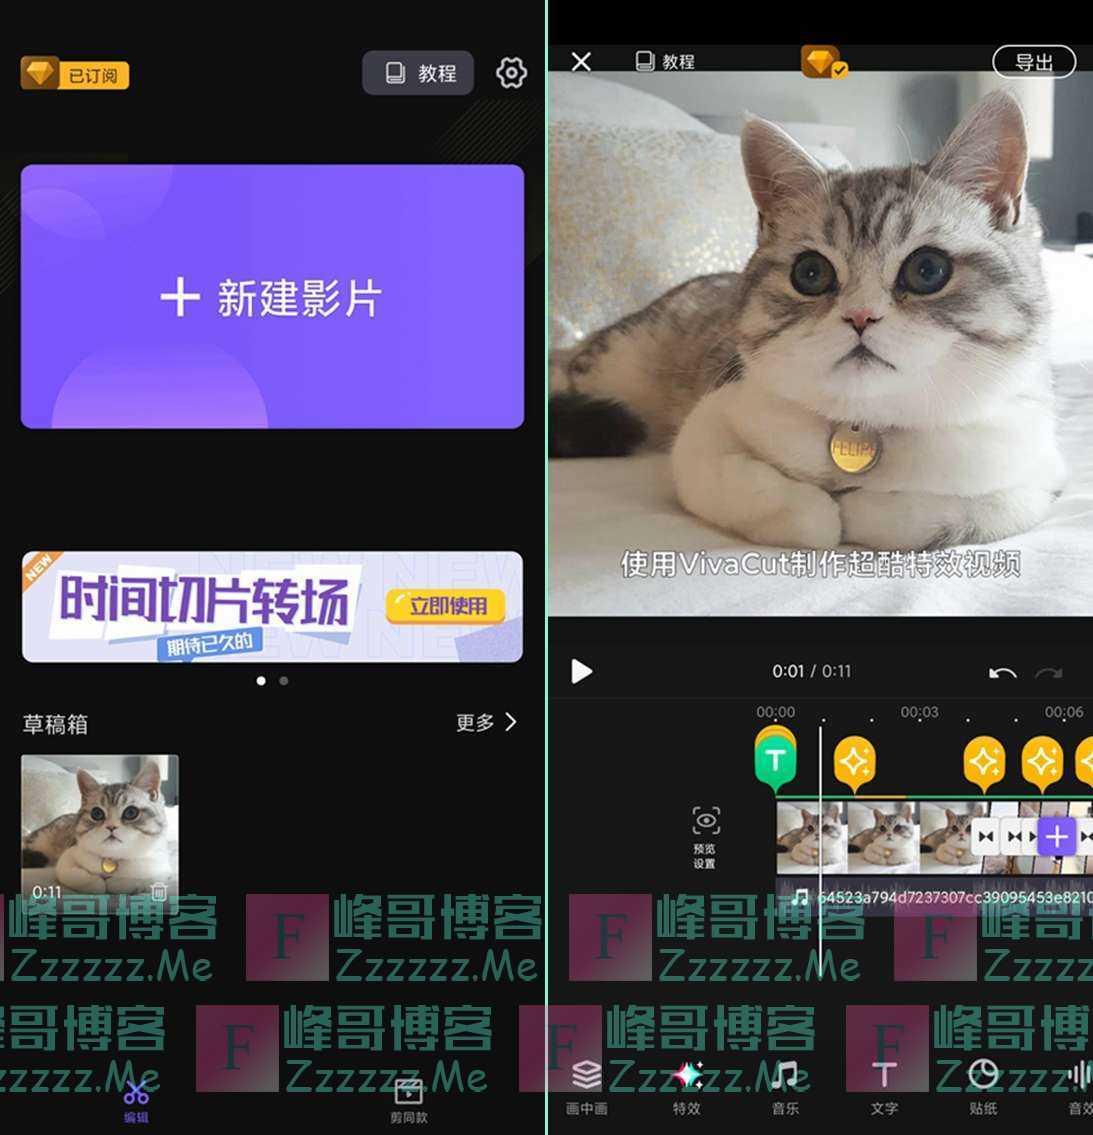 安卓VivaCut专业视频编辑软件V1.7.2 VivaCutPRO专业破解版下载